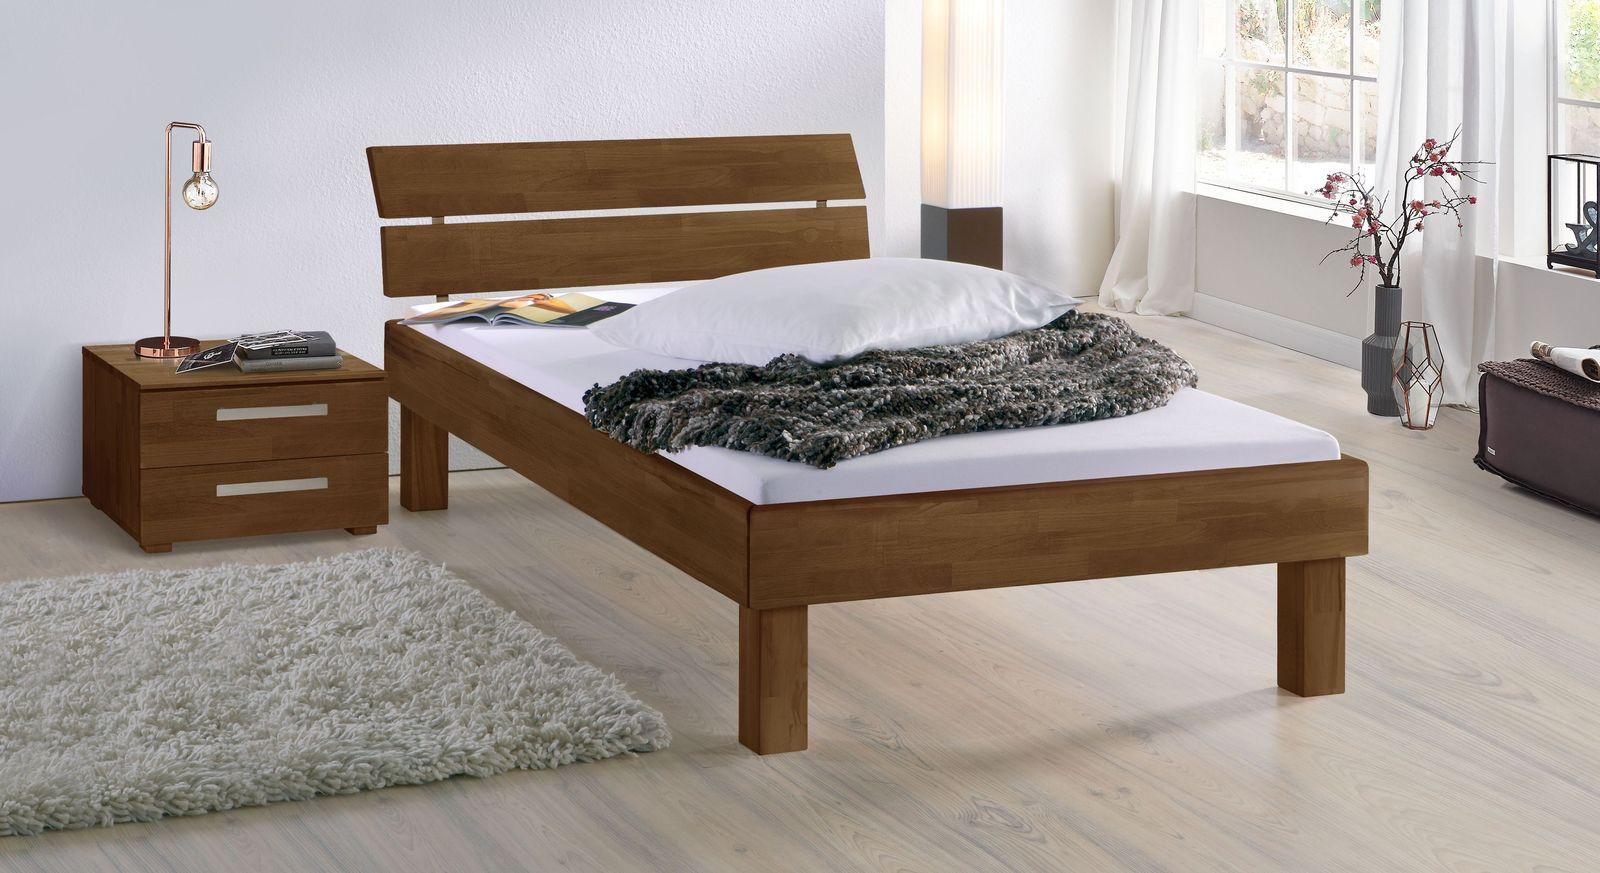 Bett mit hoher Liegefläche - Bett Madrid Komfort | BETTEN.de